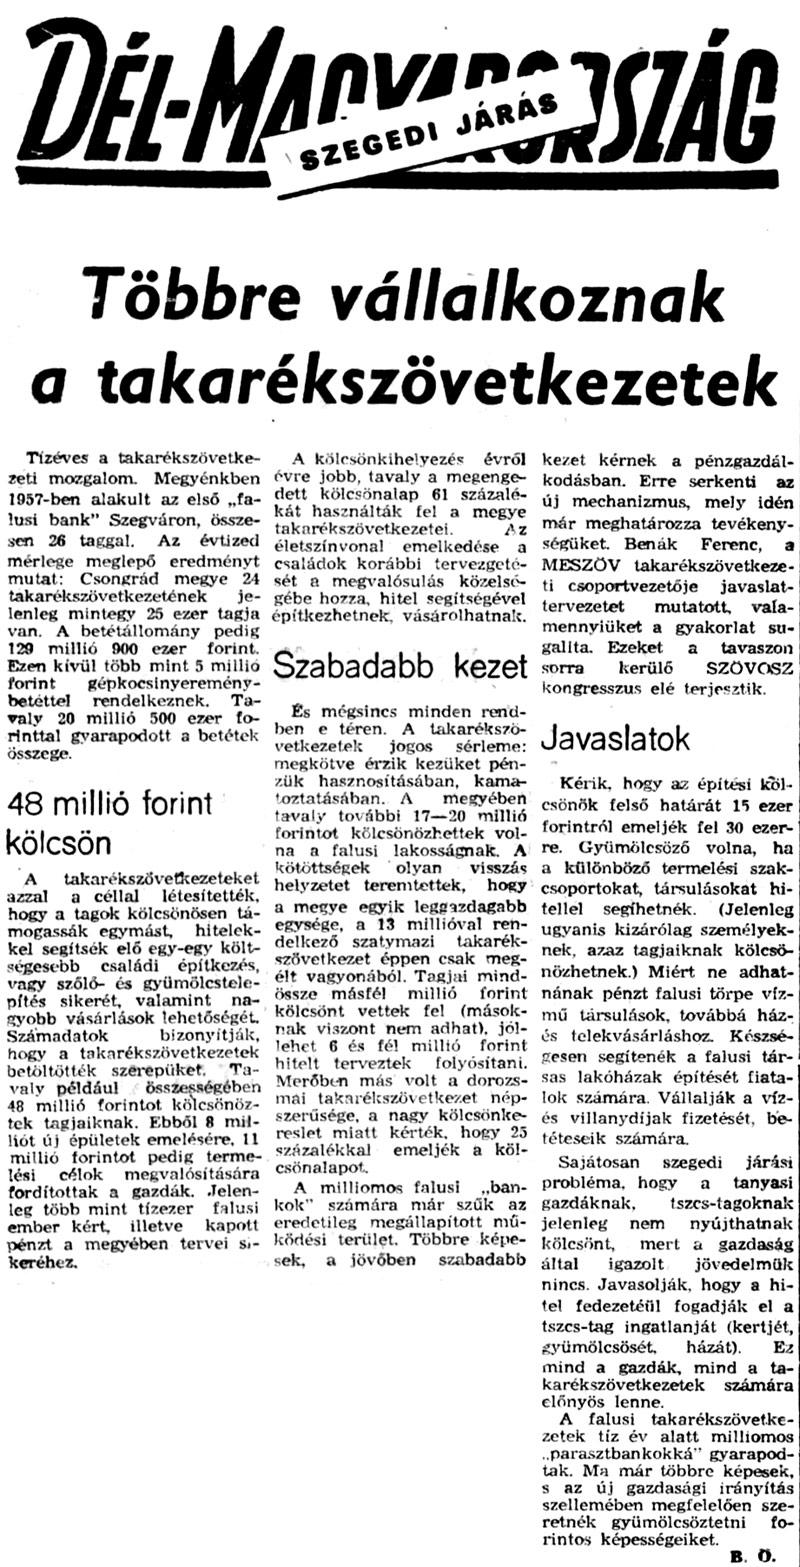 Többre vállalkoznak a Takarékszövetkezetek – 1967.